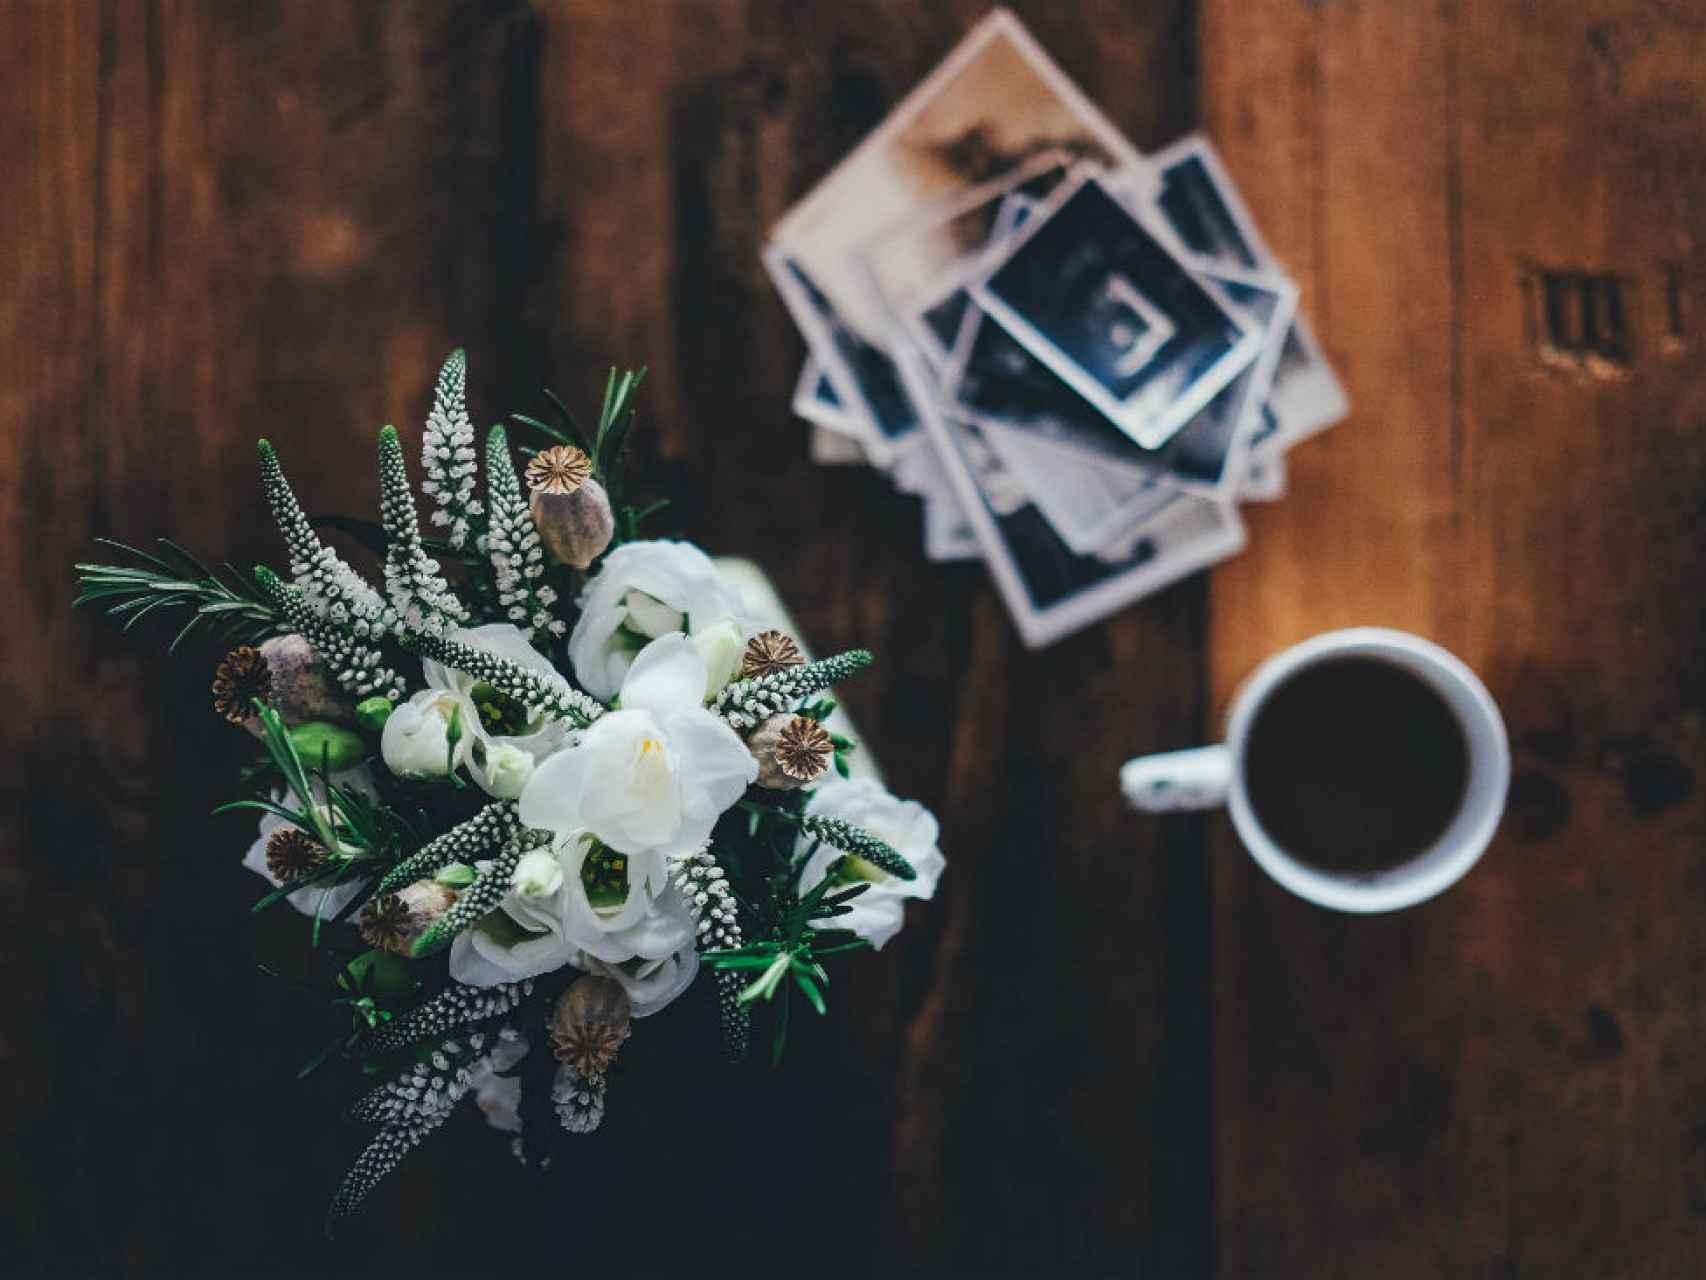 Contar con un arreglo floral natural cerca hace que cualquier momento sea especial. / Los Peñotes